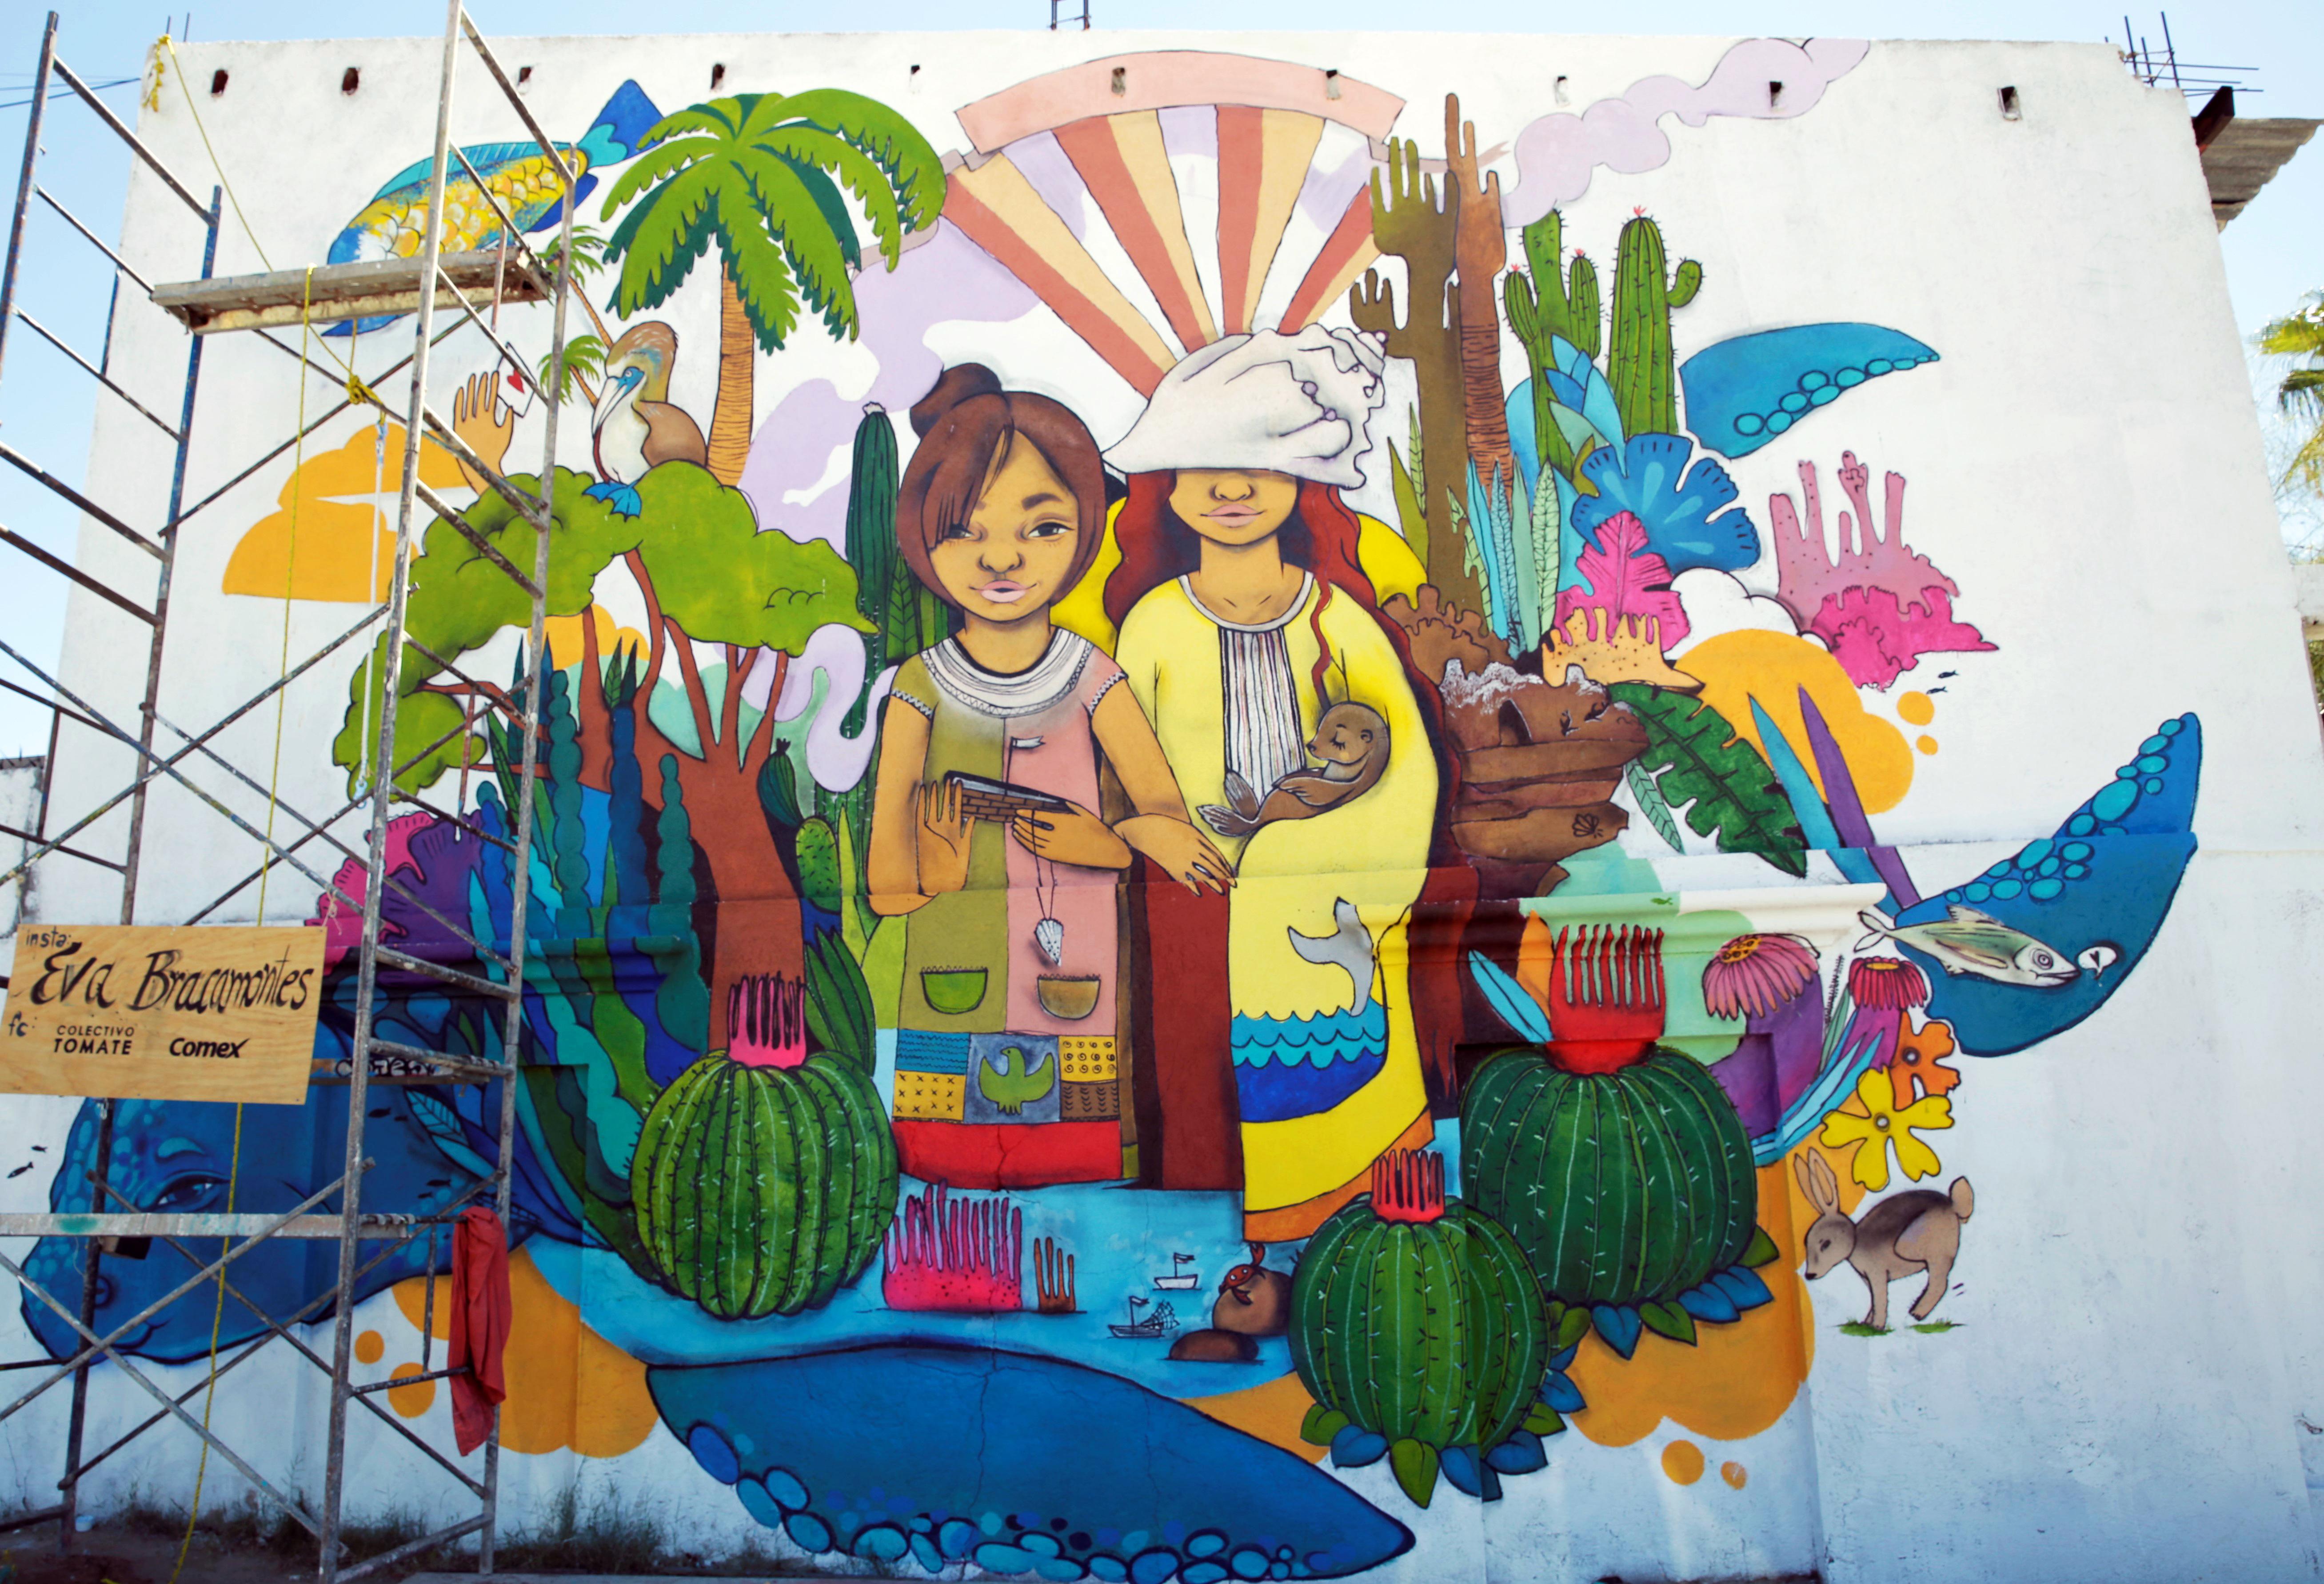 Un colectivo hizo 30 murales basados en la comunidad local for Arte mural en mexico